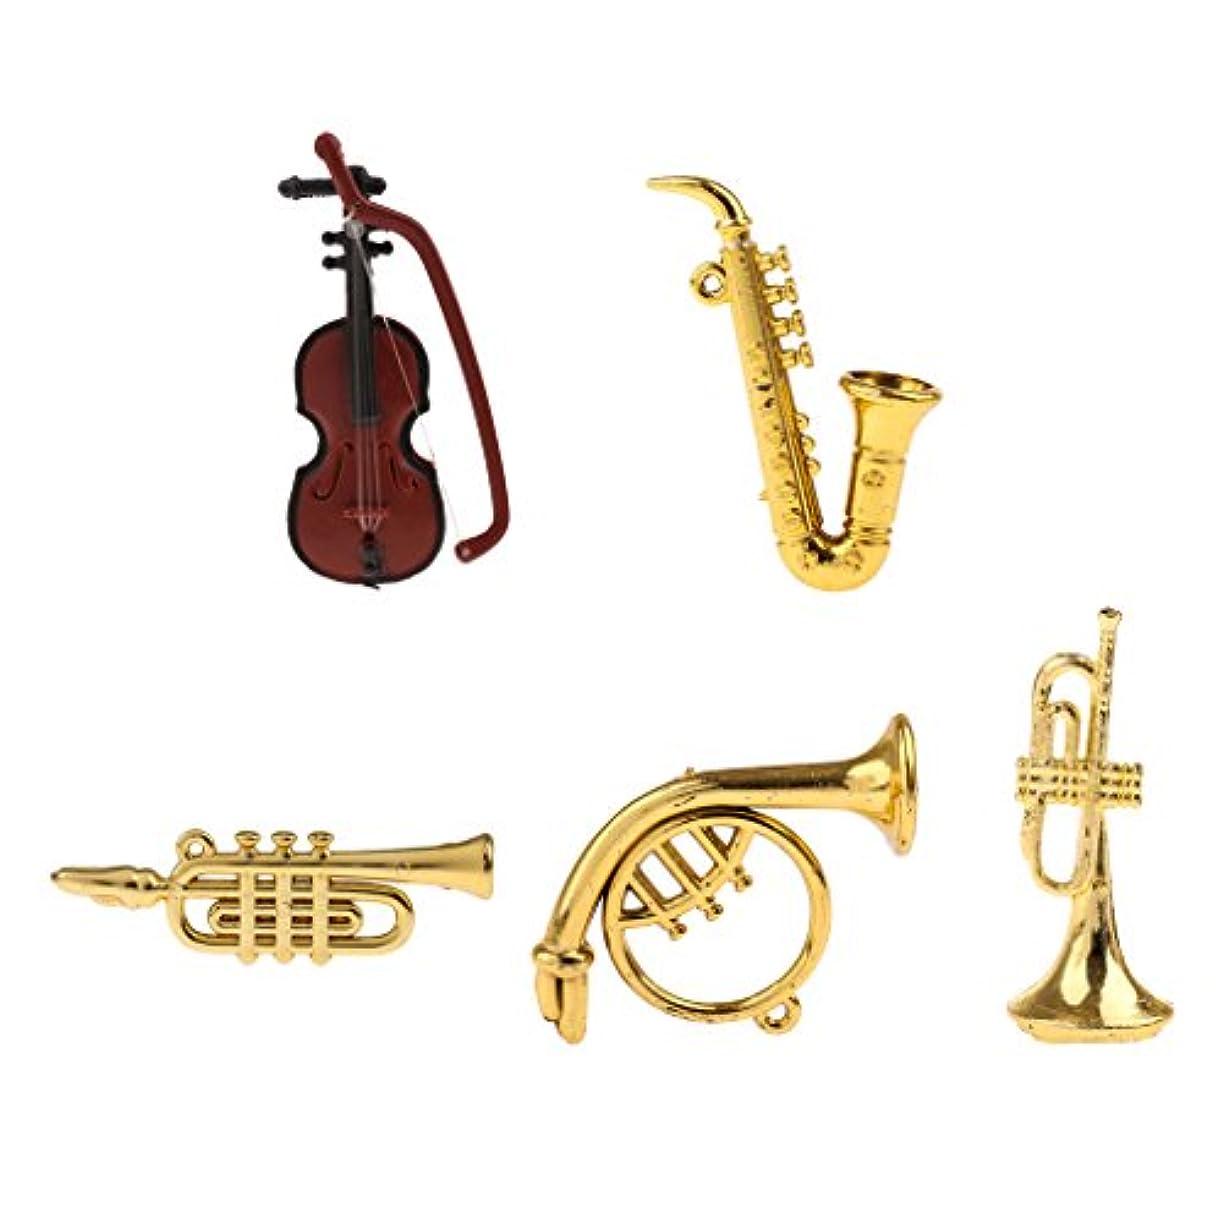 ギネス口頭狐5個セット 楽器 モデル アクセサリー 1/12ドルチハウス 小型 プラスチック